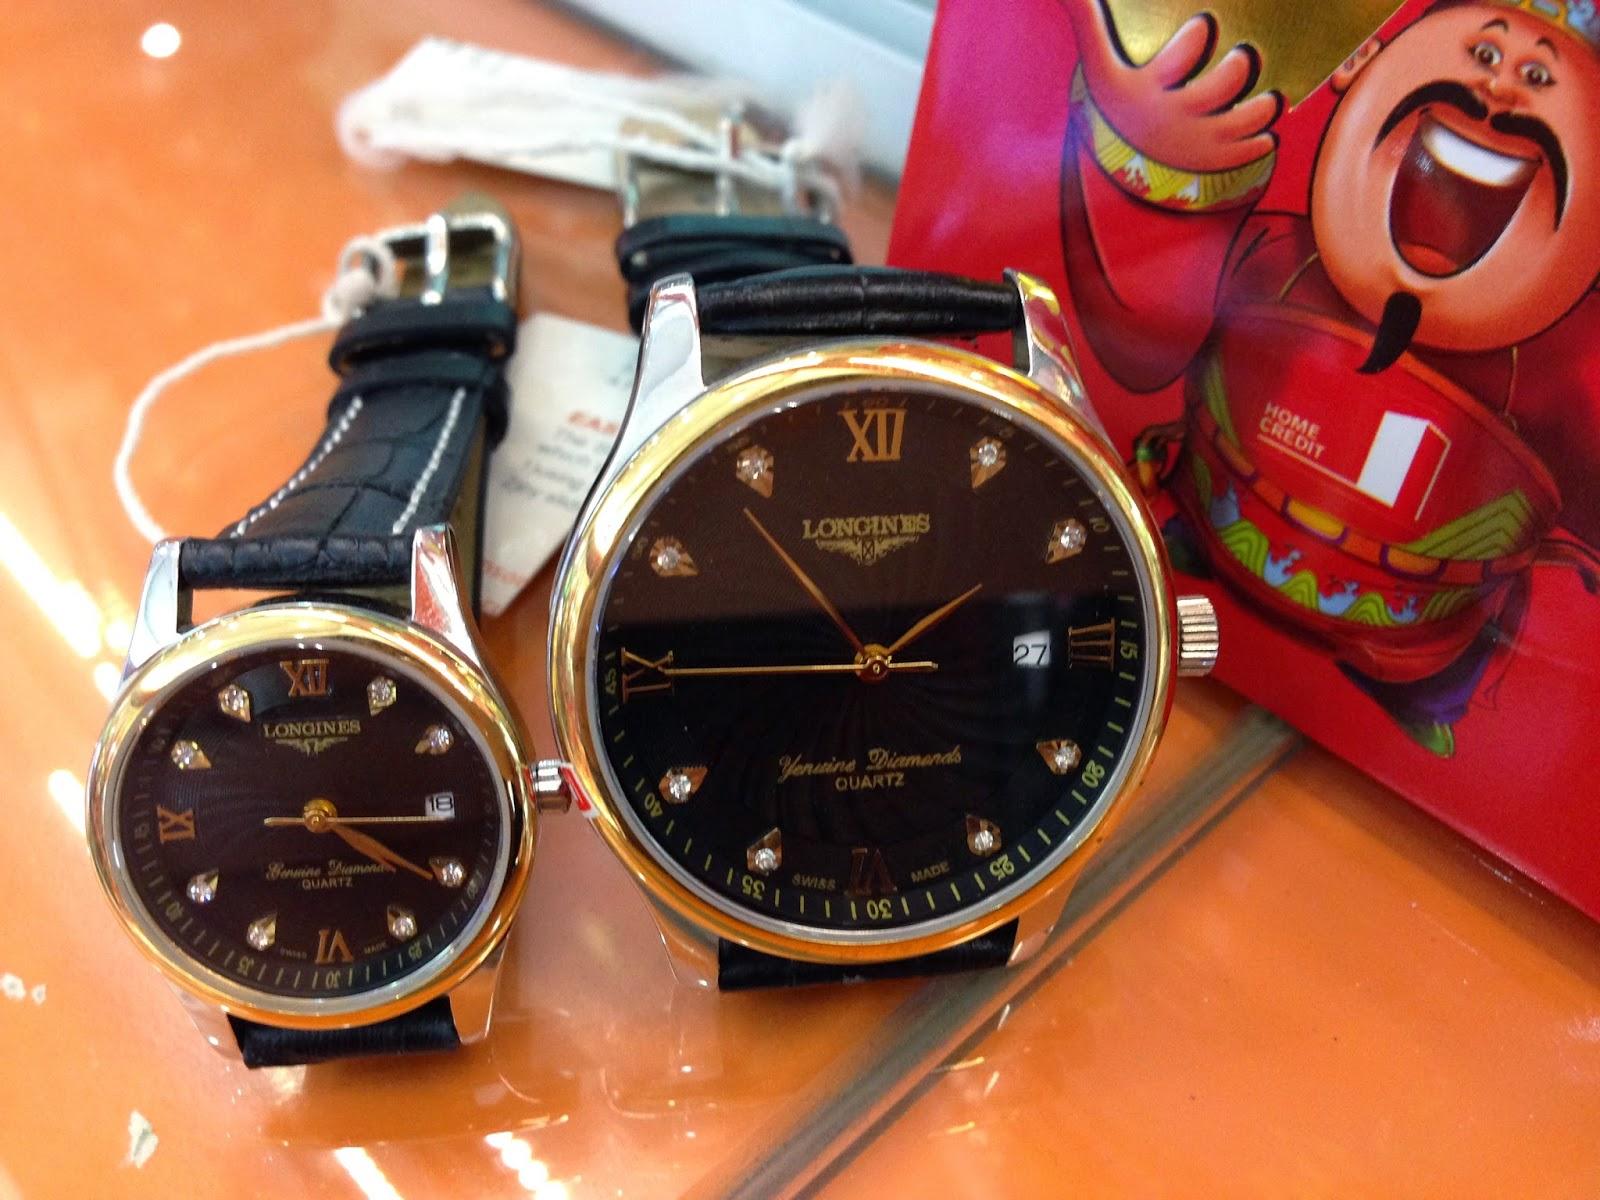 Tổng hợp những mẫu đồng hồ đôi đẹp nhất mùa Valentine